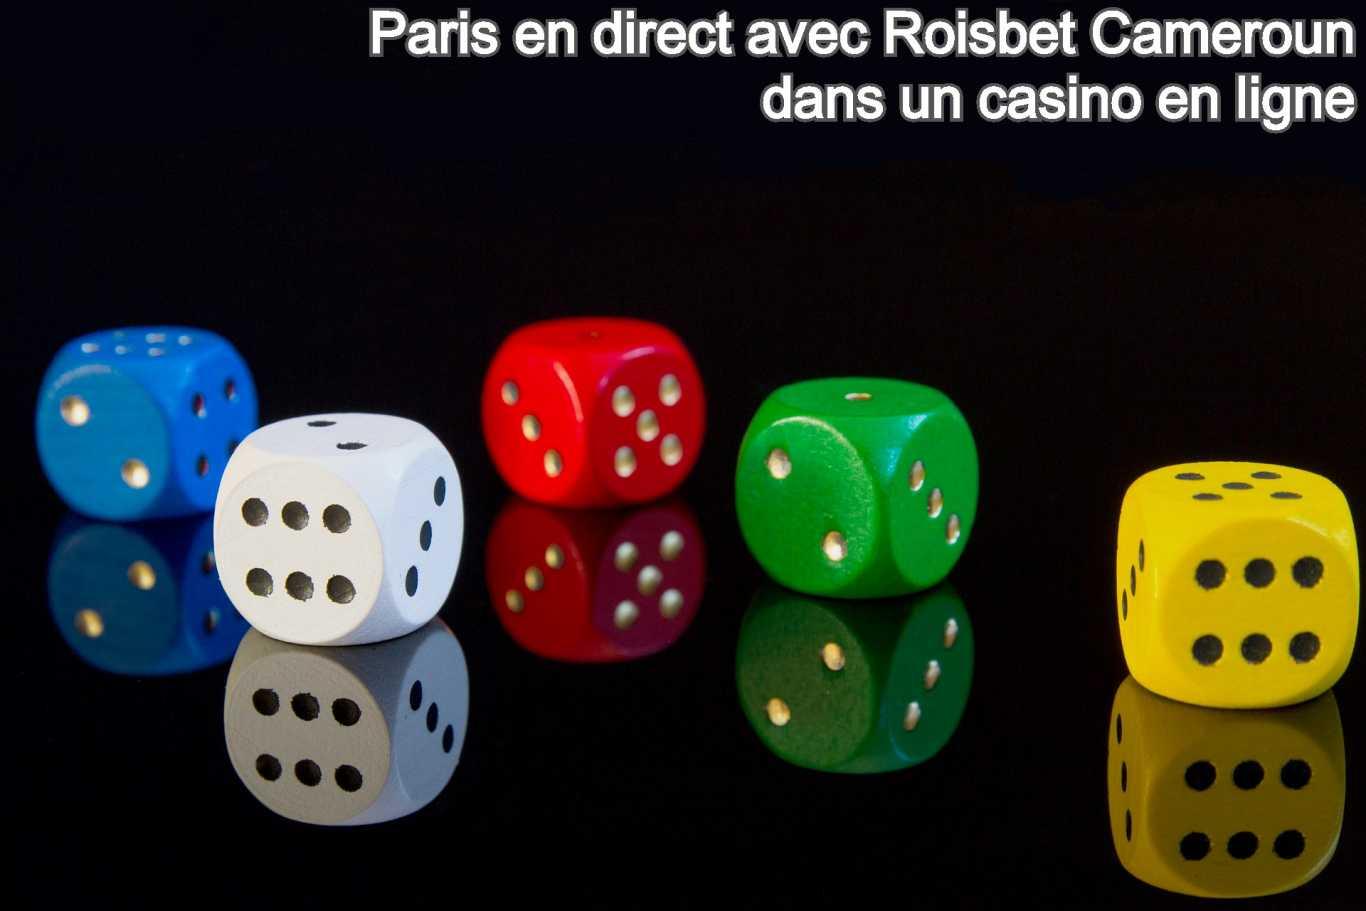 Paris en direct avec Roisbet Cameroun dans un casino en ligne